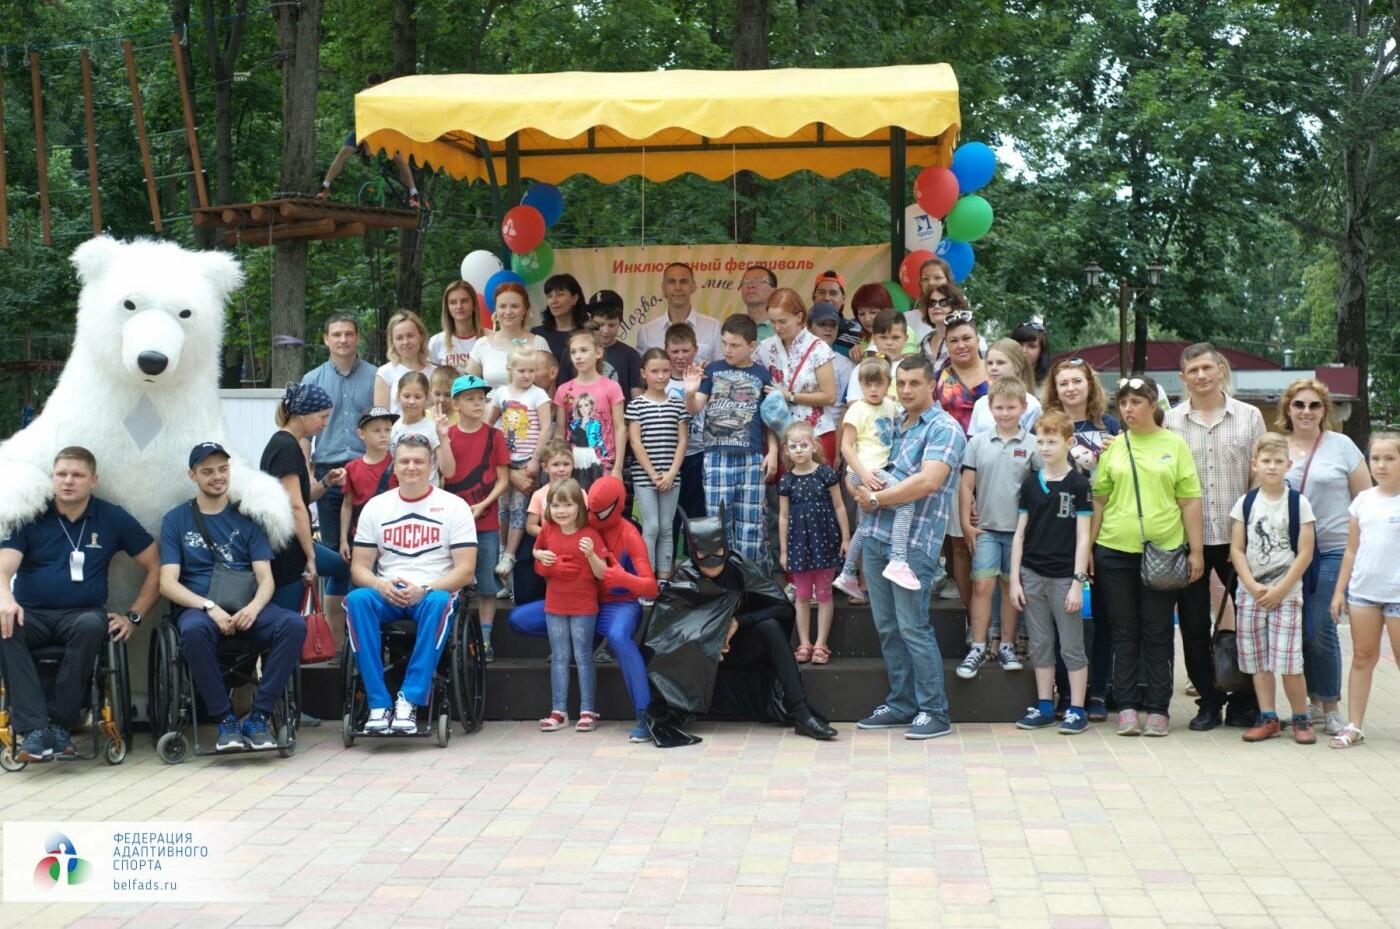 В Белгороде прошёл первый инклюзивный фестиваль «Позвольте мне победить» для детей и подростков с ментальными нарушениями, фото-21